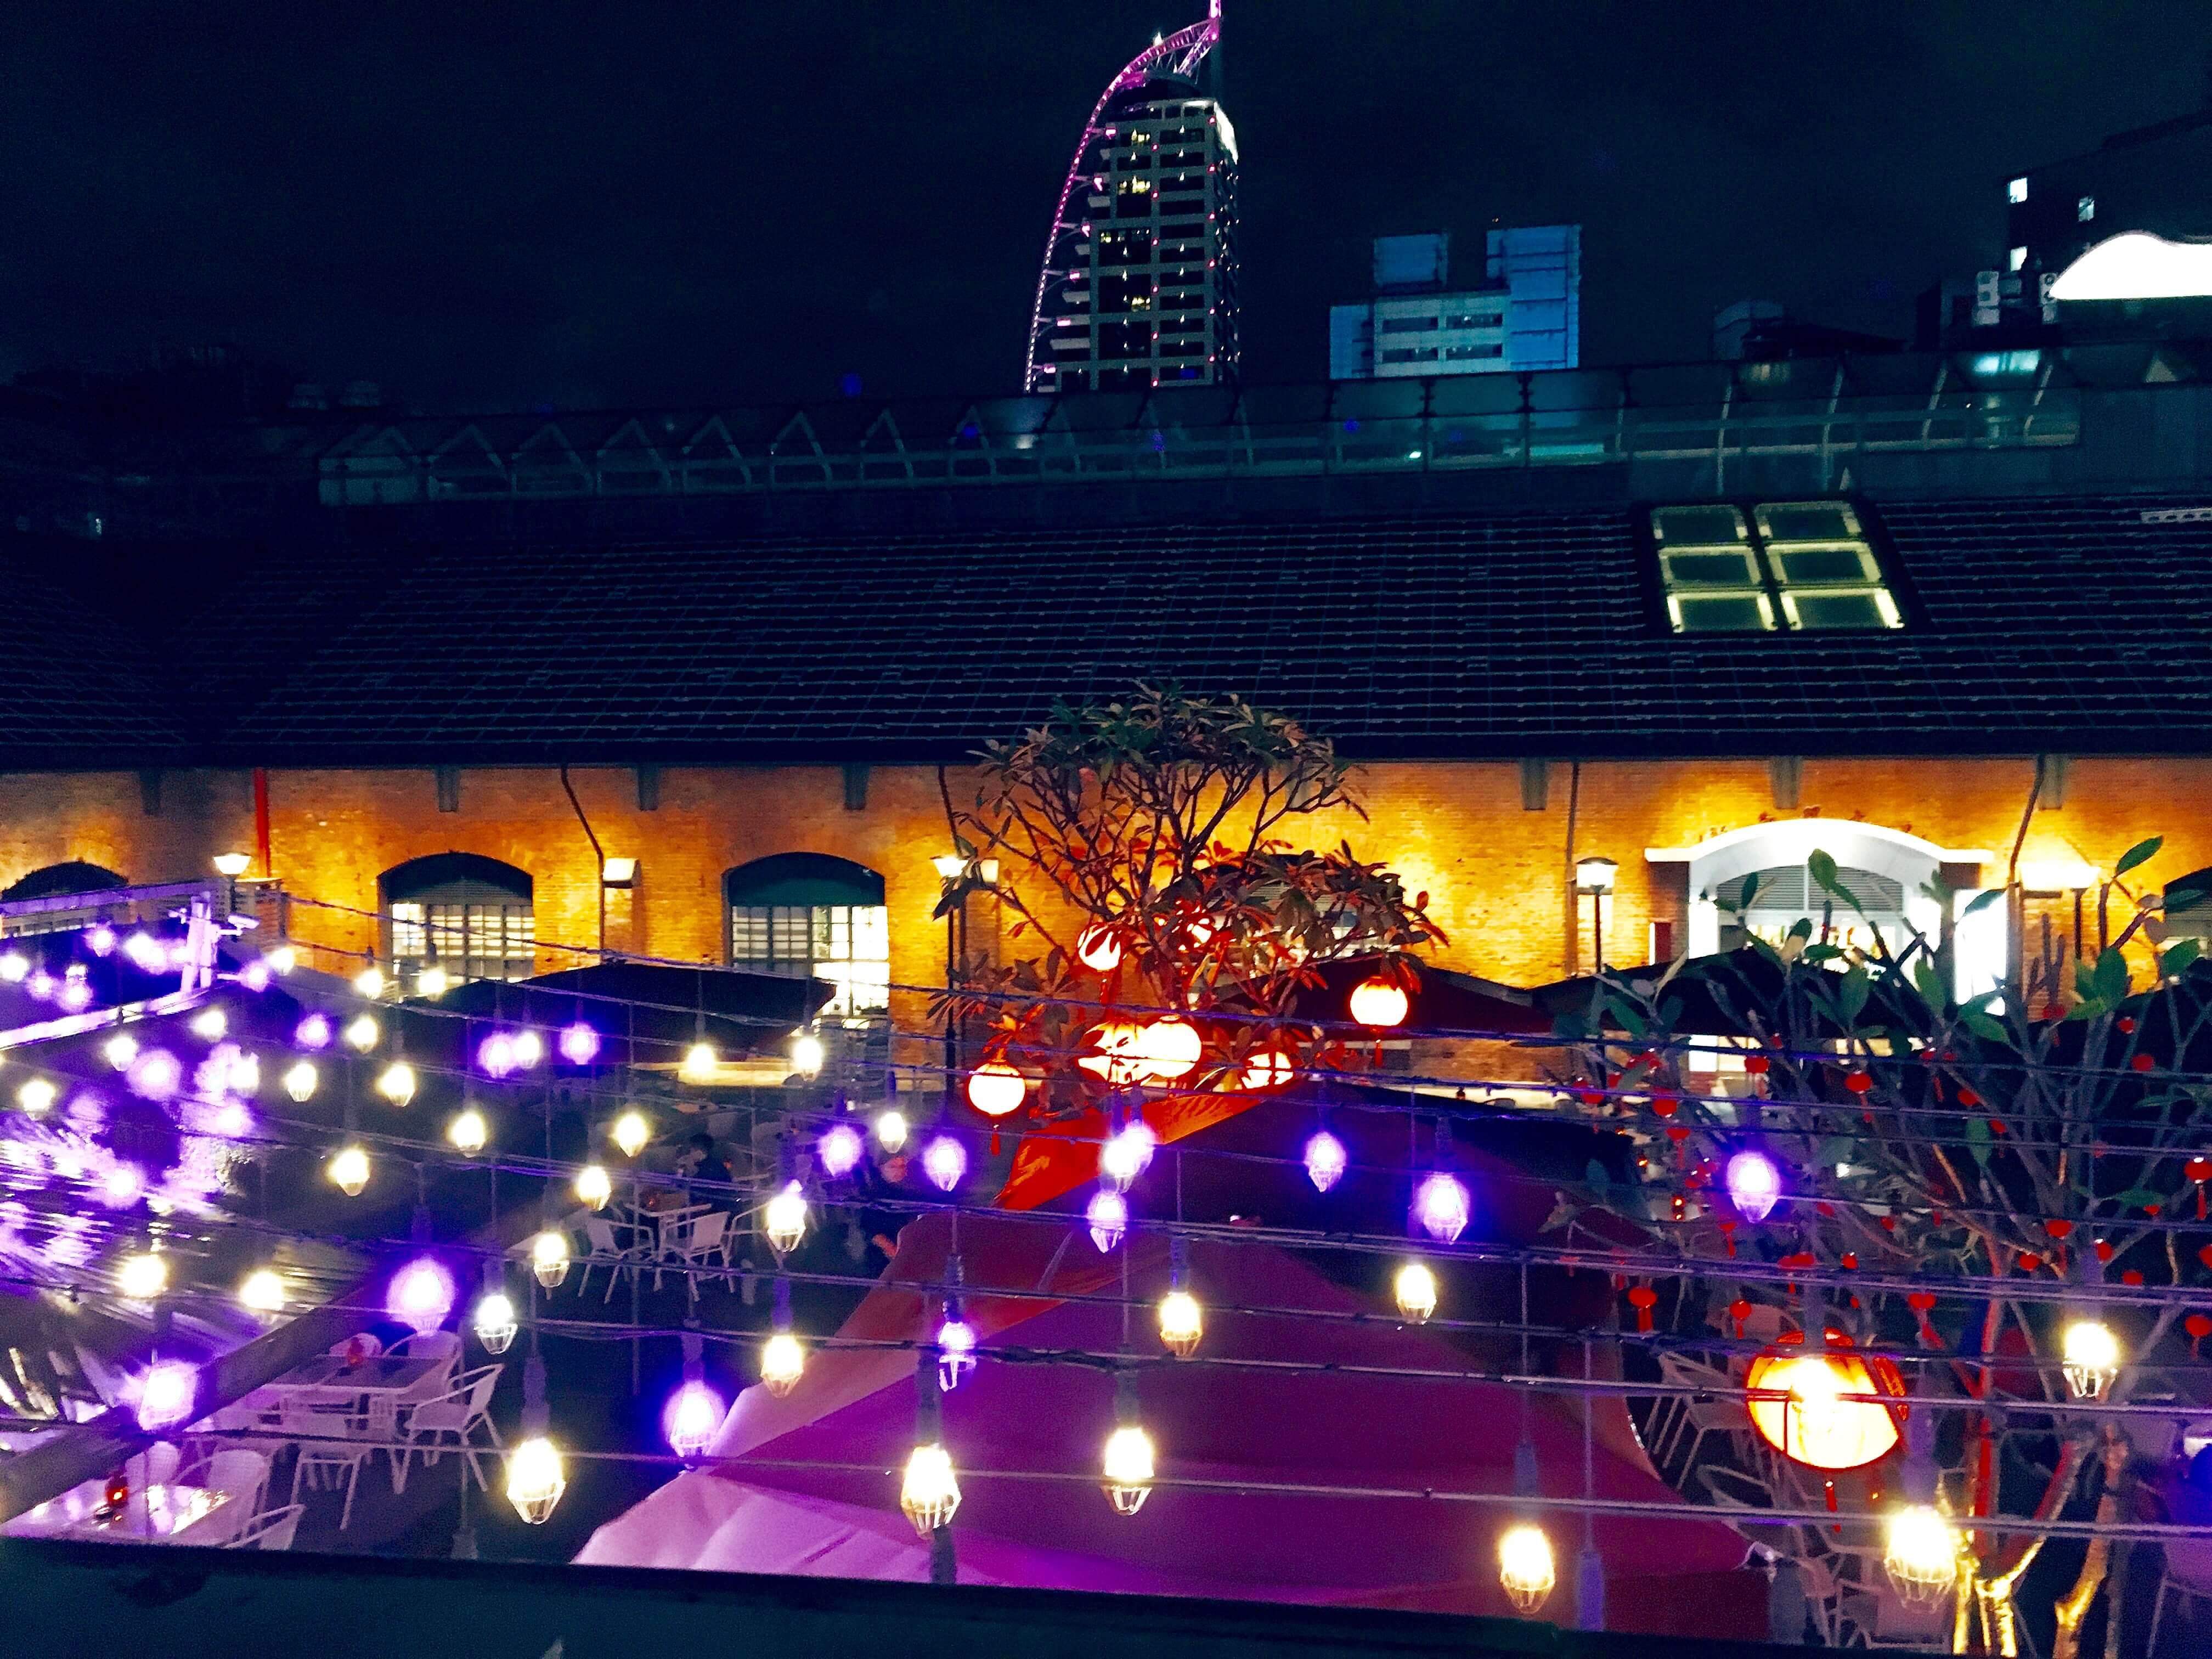 台湾 ゲイタウン 照明